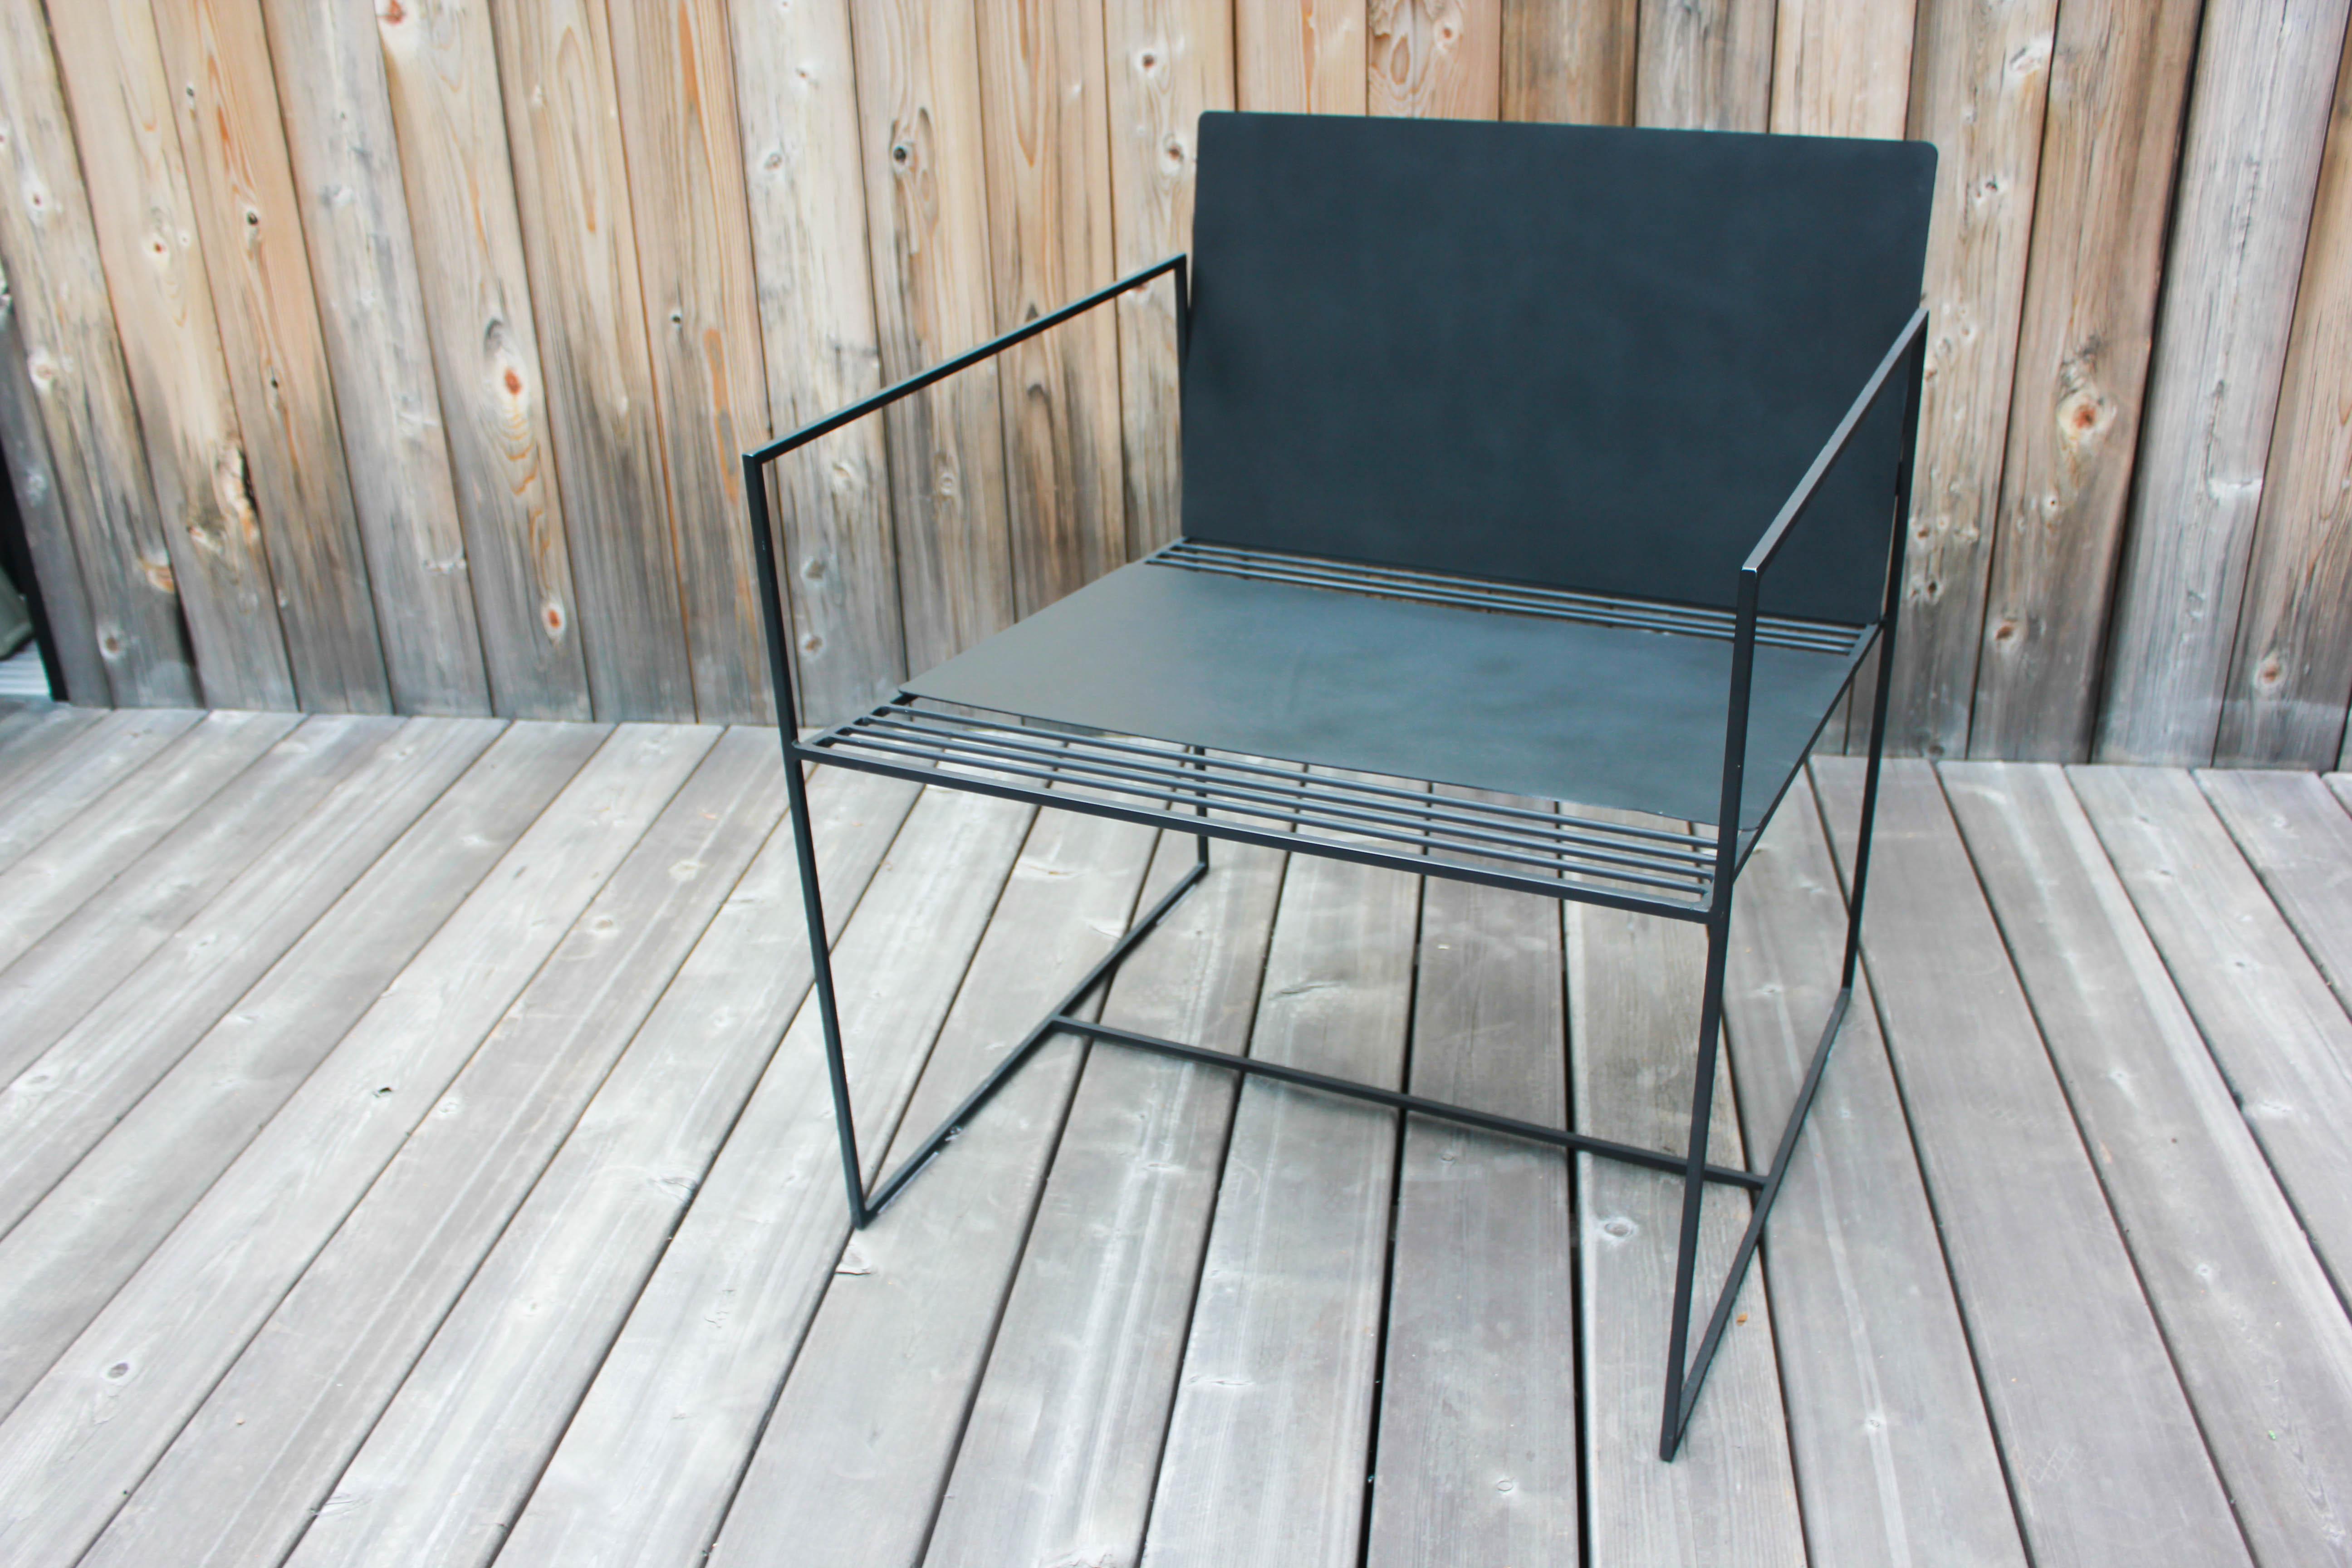 meubles roll 5-9